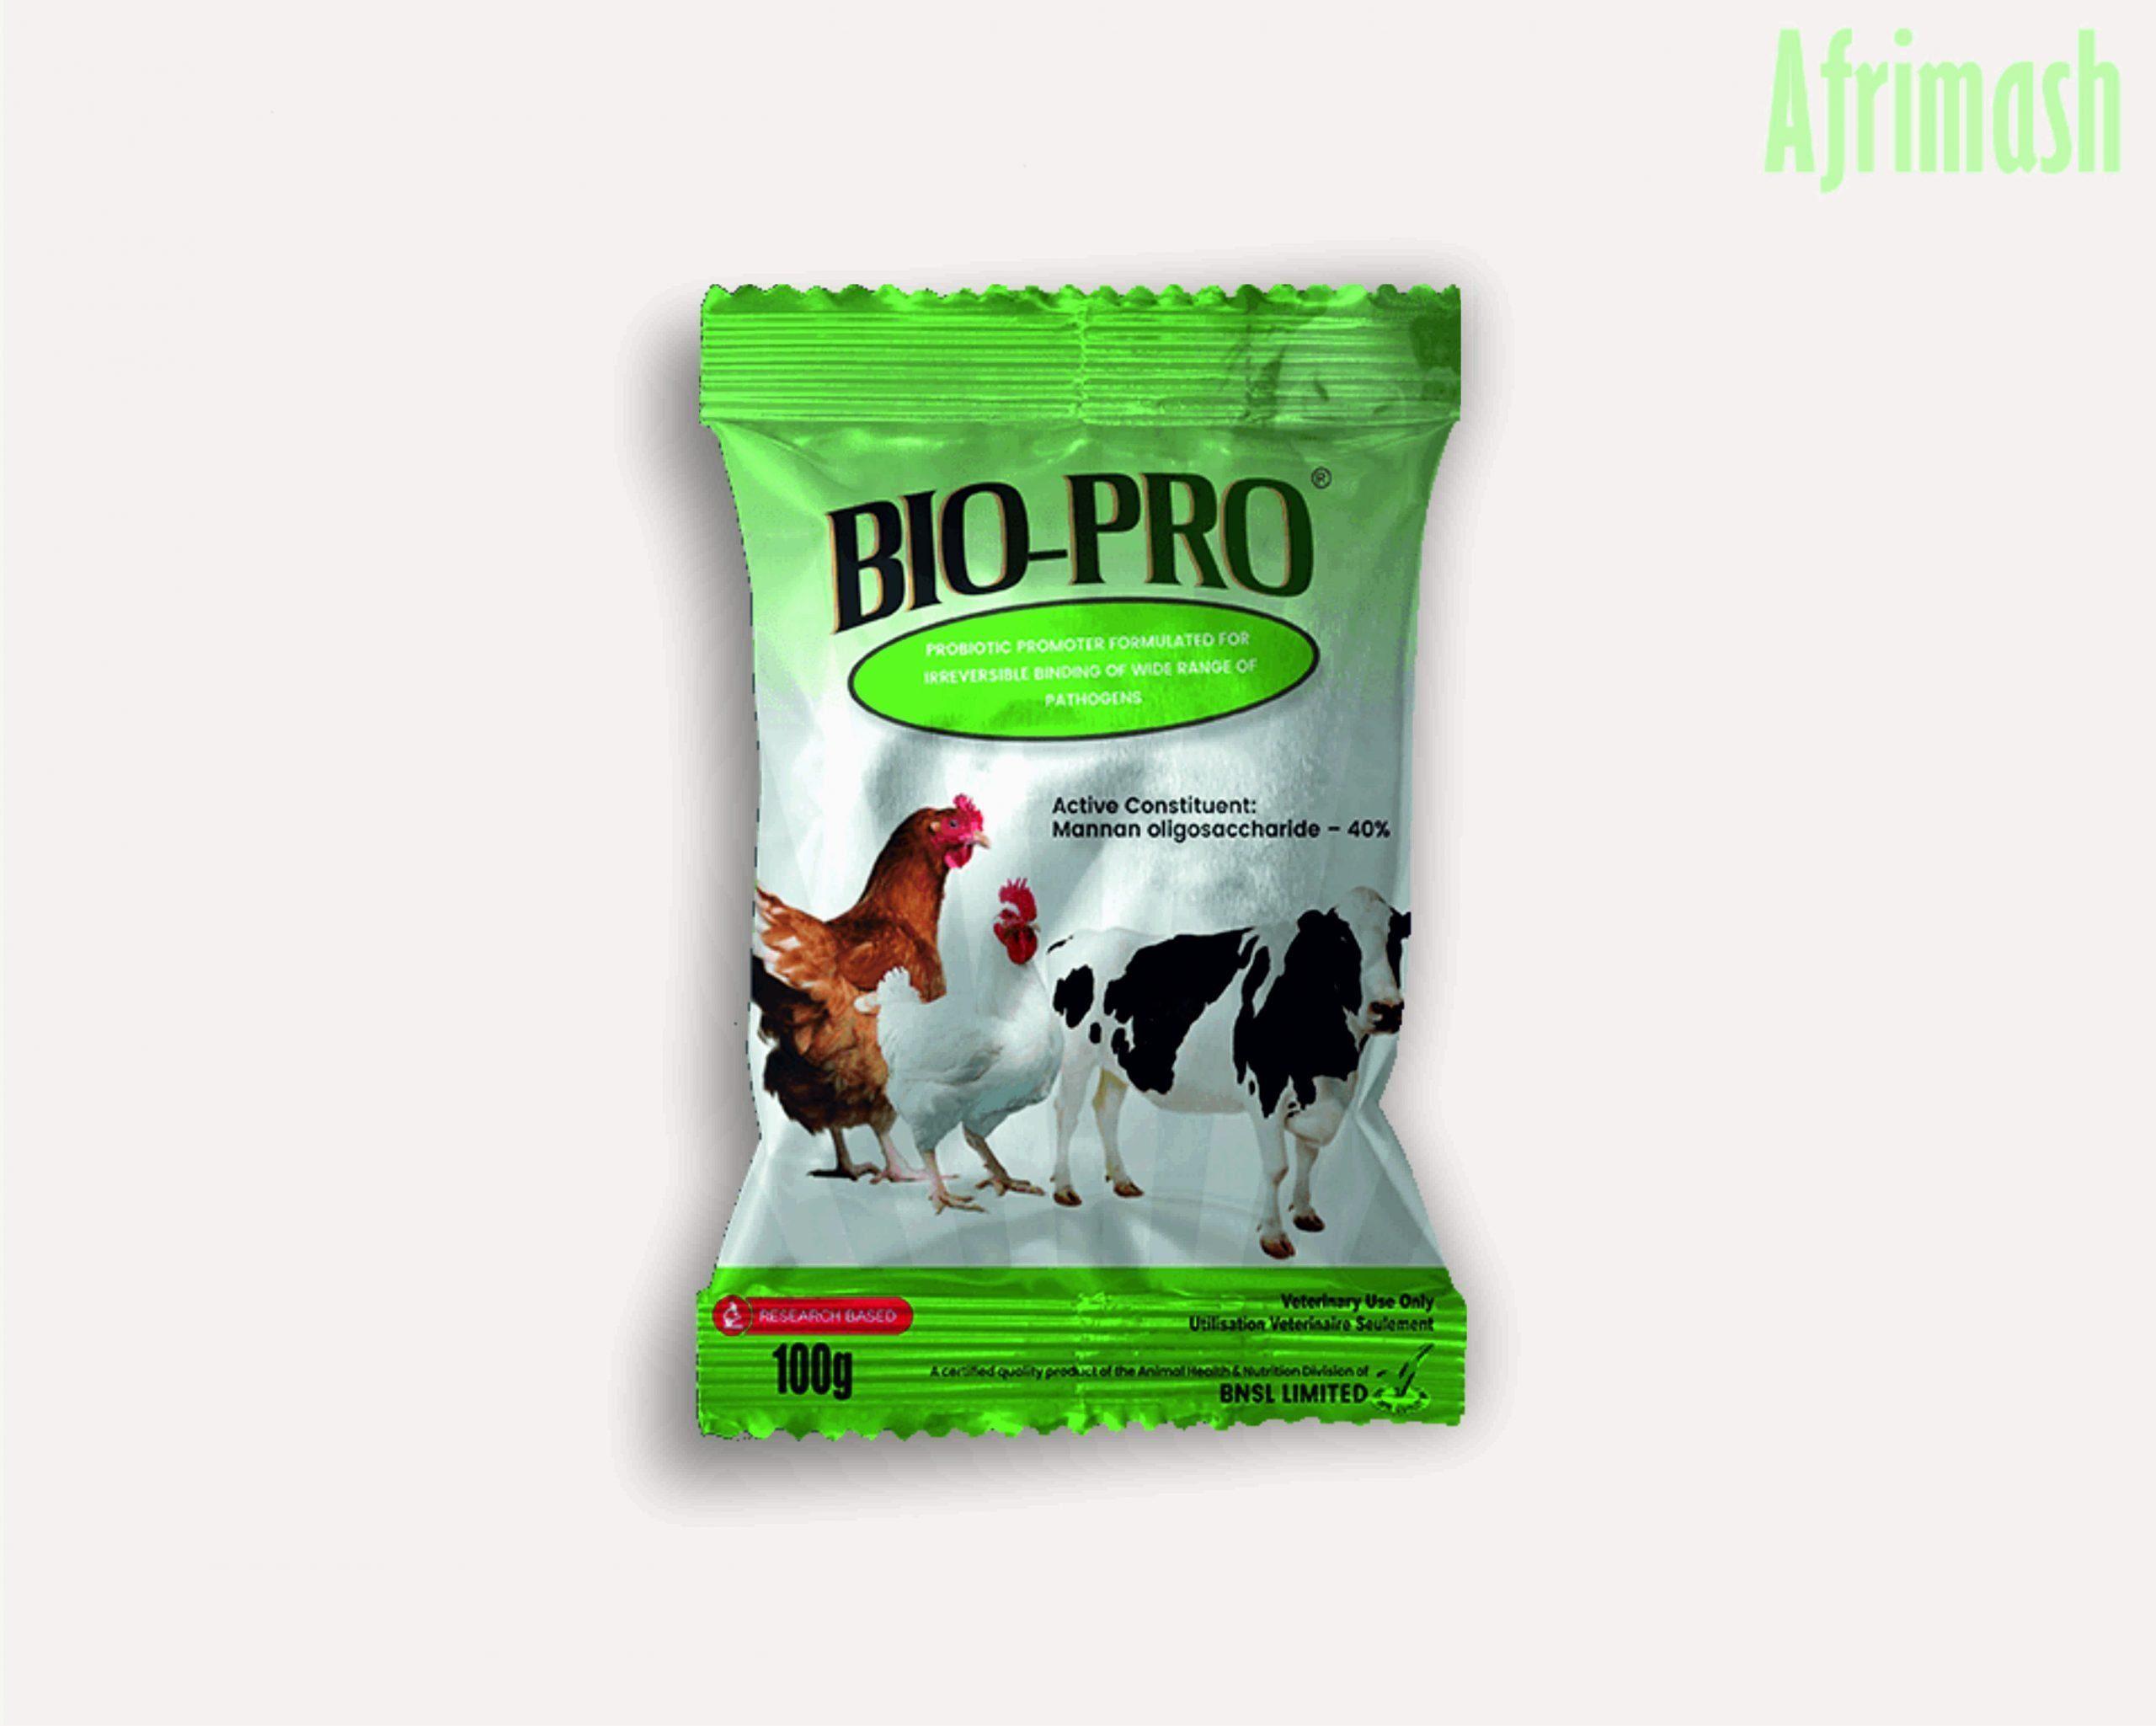 Bio Pro probiotic